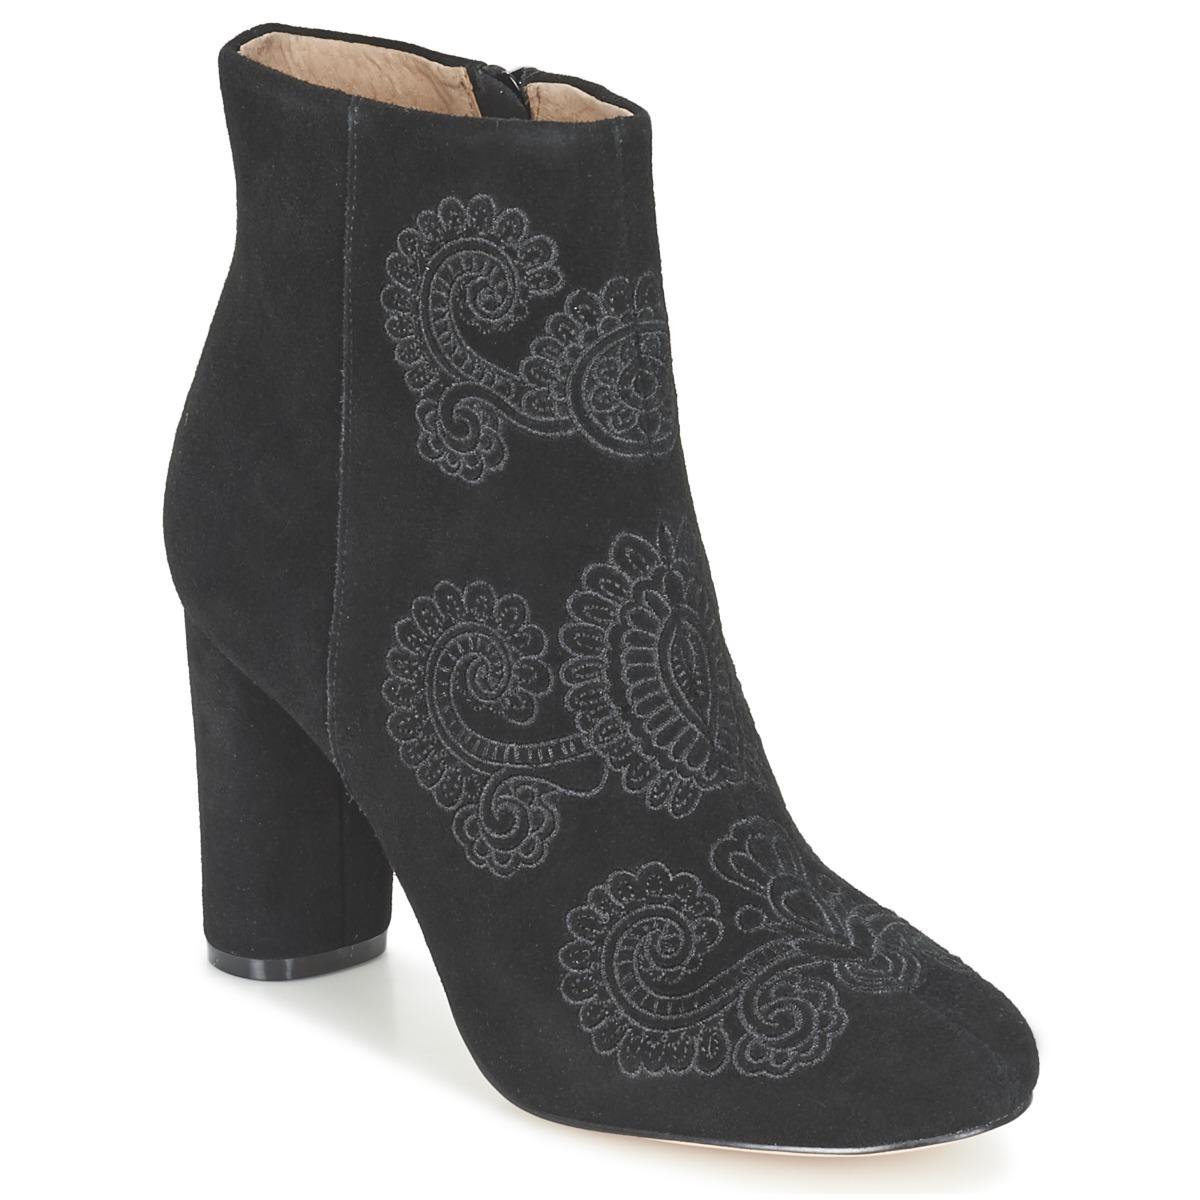 e701e161d01e BOCAGE - Chaussures BOCAGE - Livraison Gratuite avec Spartoo.com !